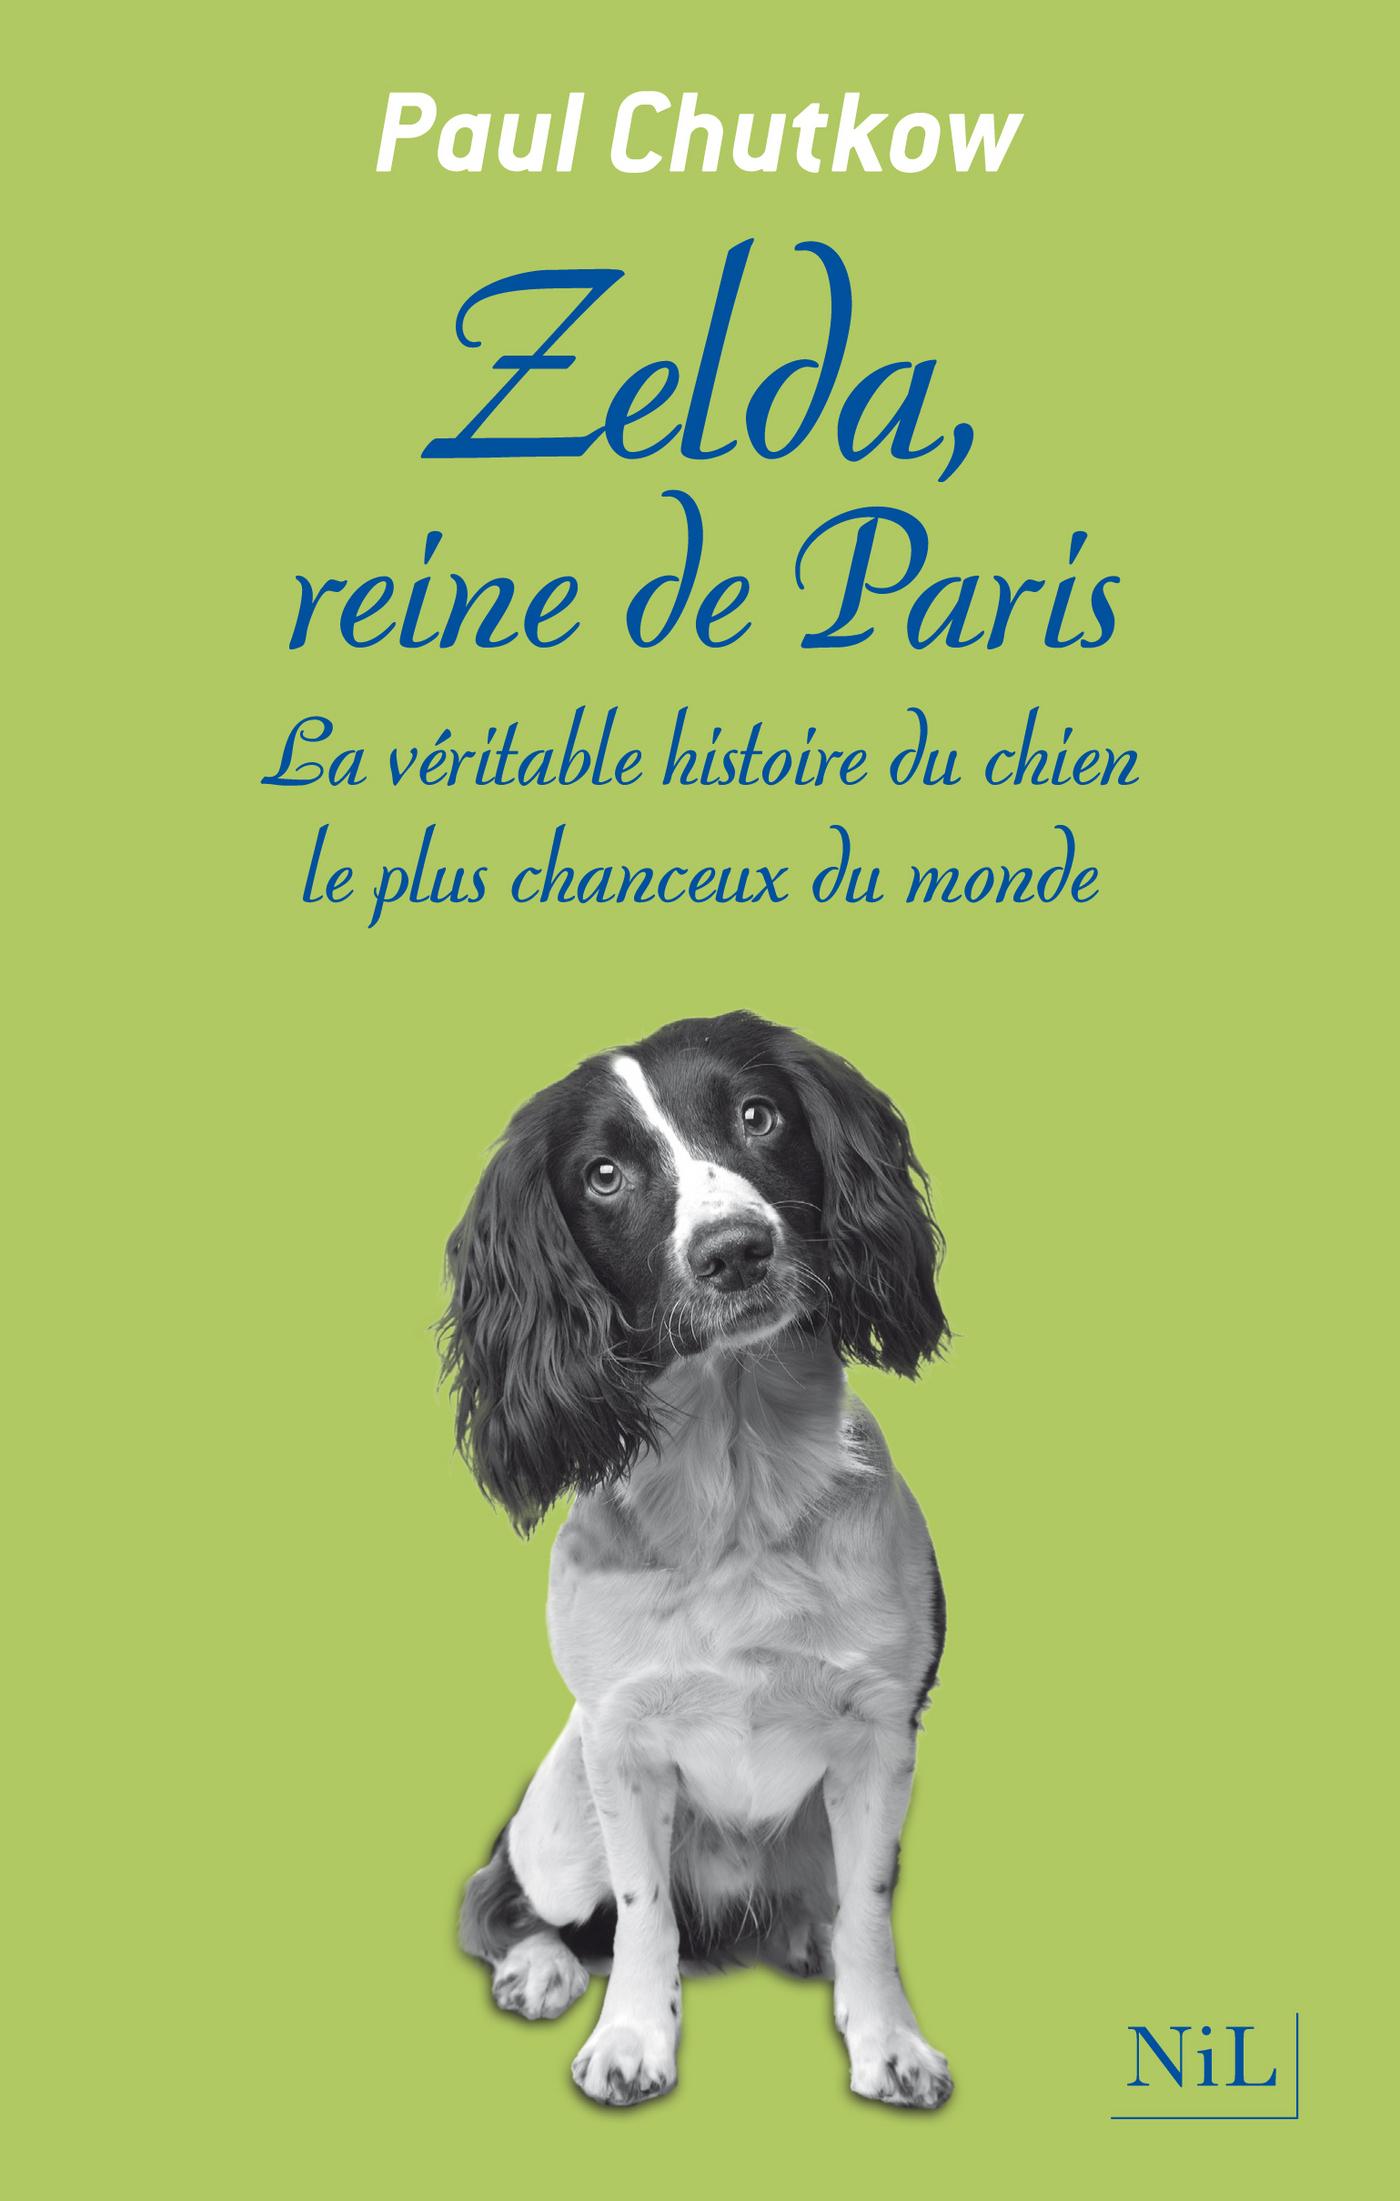 Zelda, reine de Paris | CHUTKOW, Paul